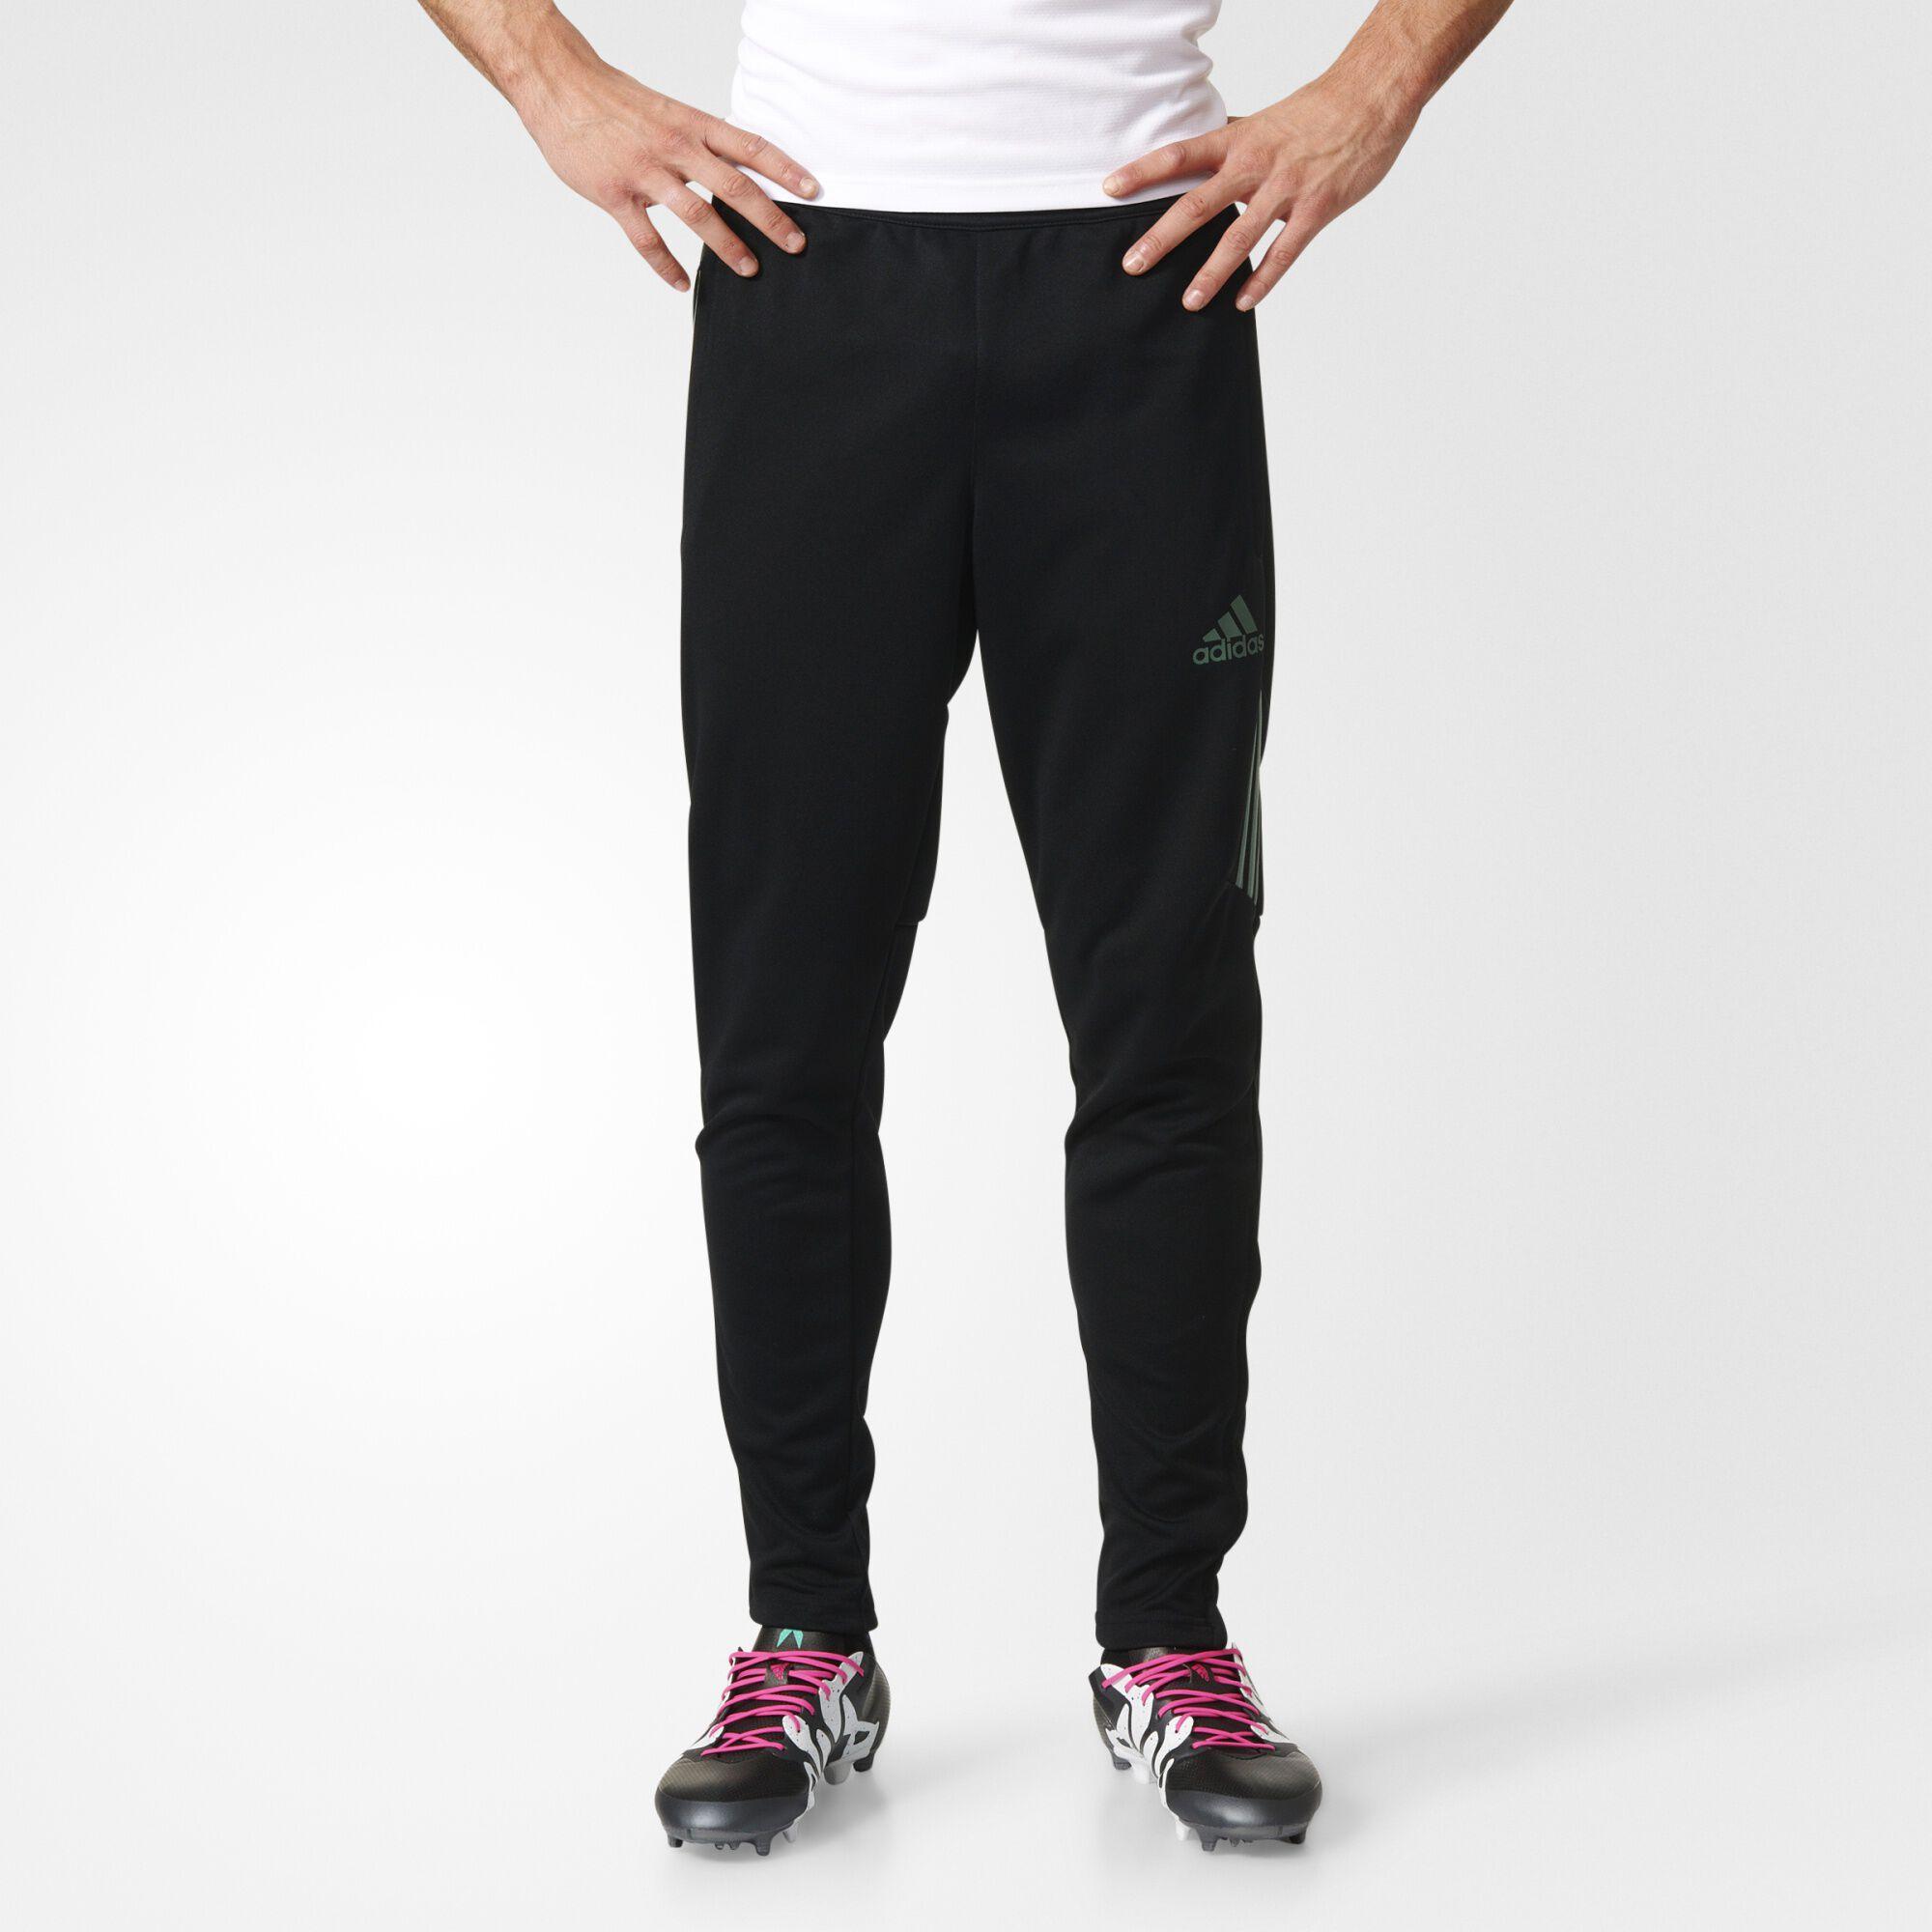 adidas skinny sweatpants mens